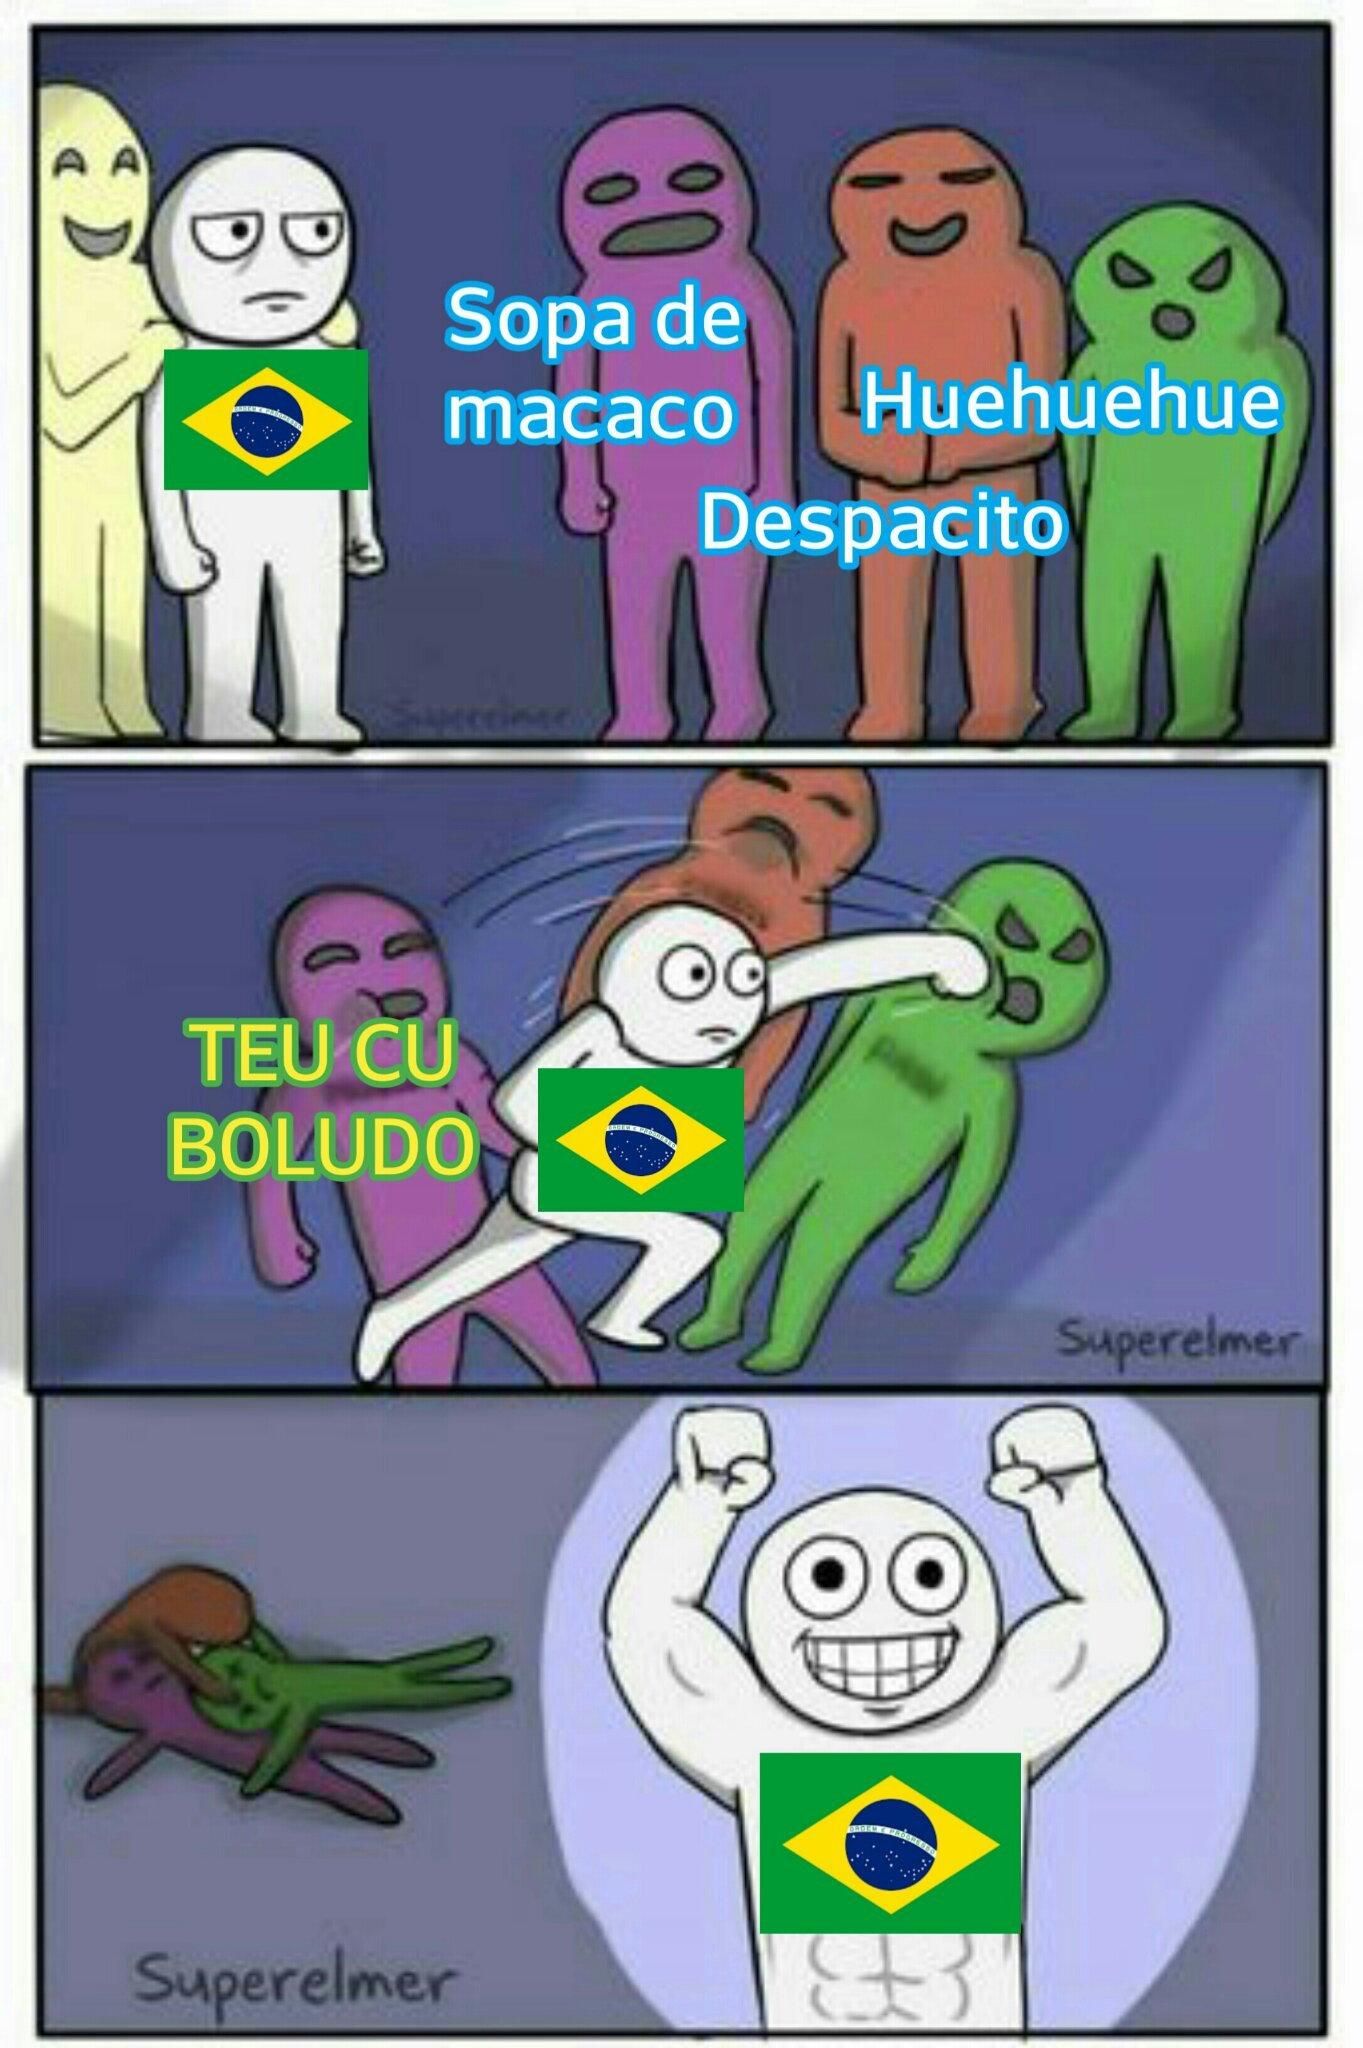 Aqui é o Brasil p@$!# - meme